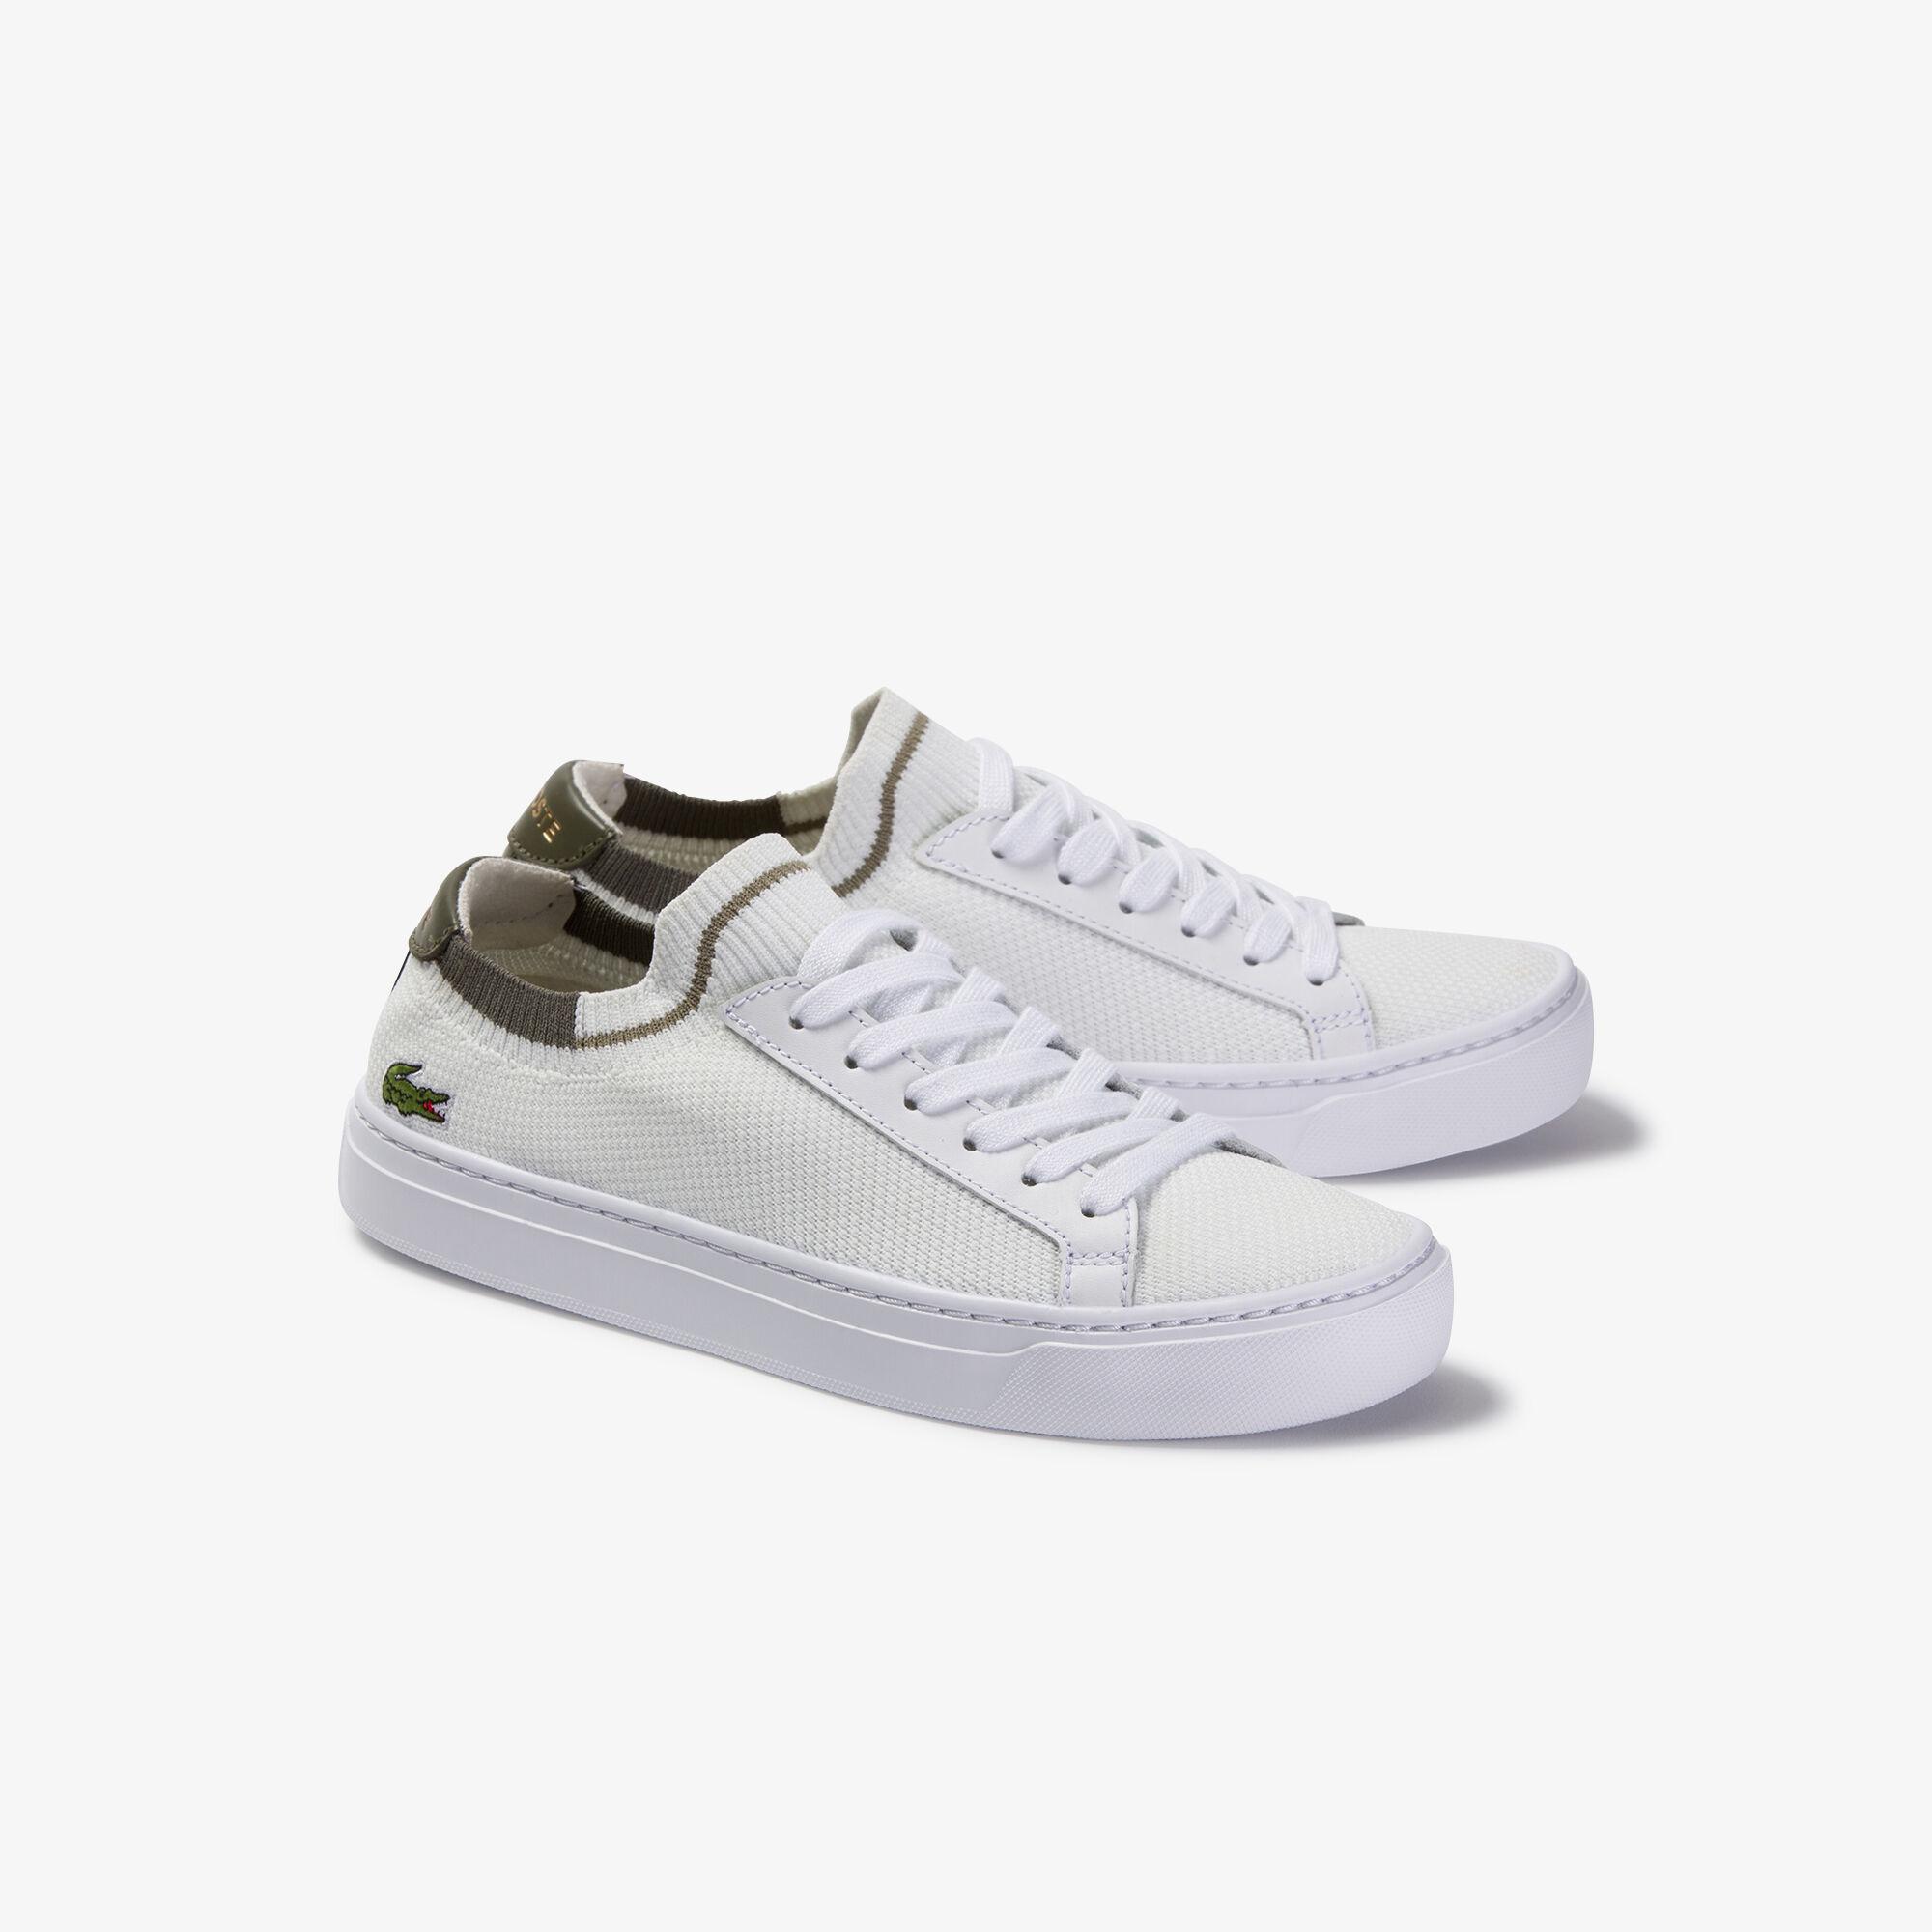 Women's La Piquée Colour-block Textile Sneakers